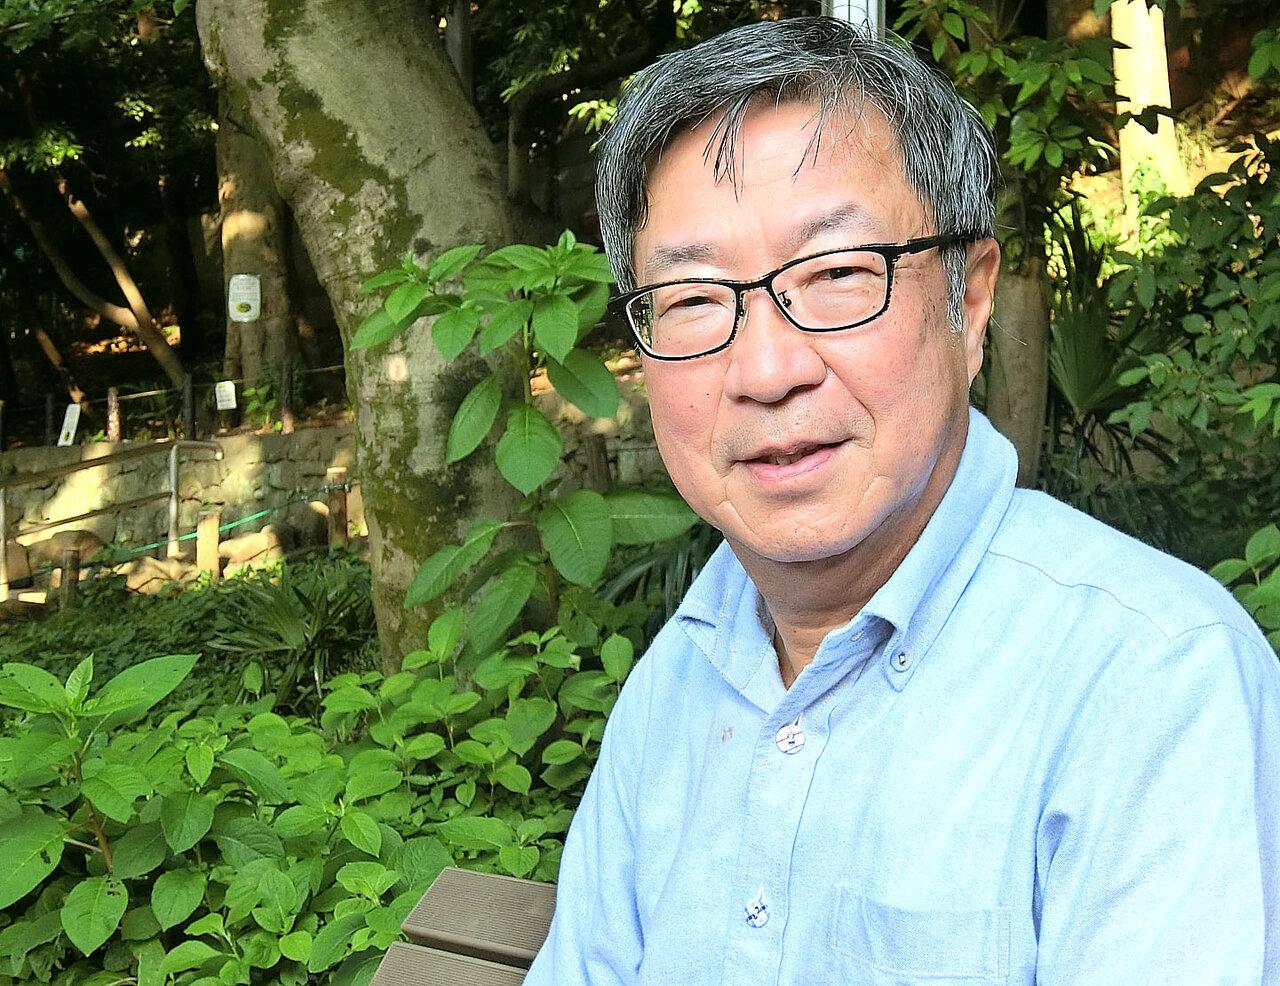 氷河期時代に備えよ 経済評論家 藤巻健史氏に聞く 日銀破綻、ハイパーインフレの警鐘ならす